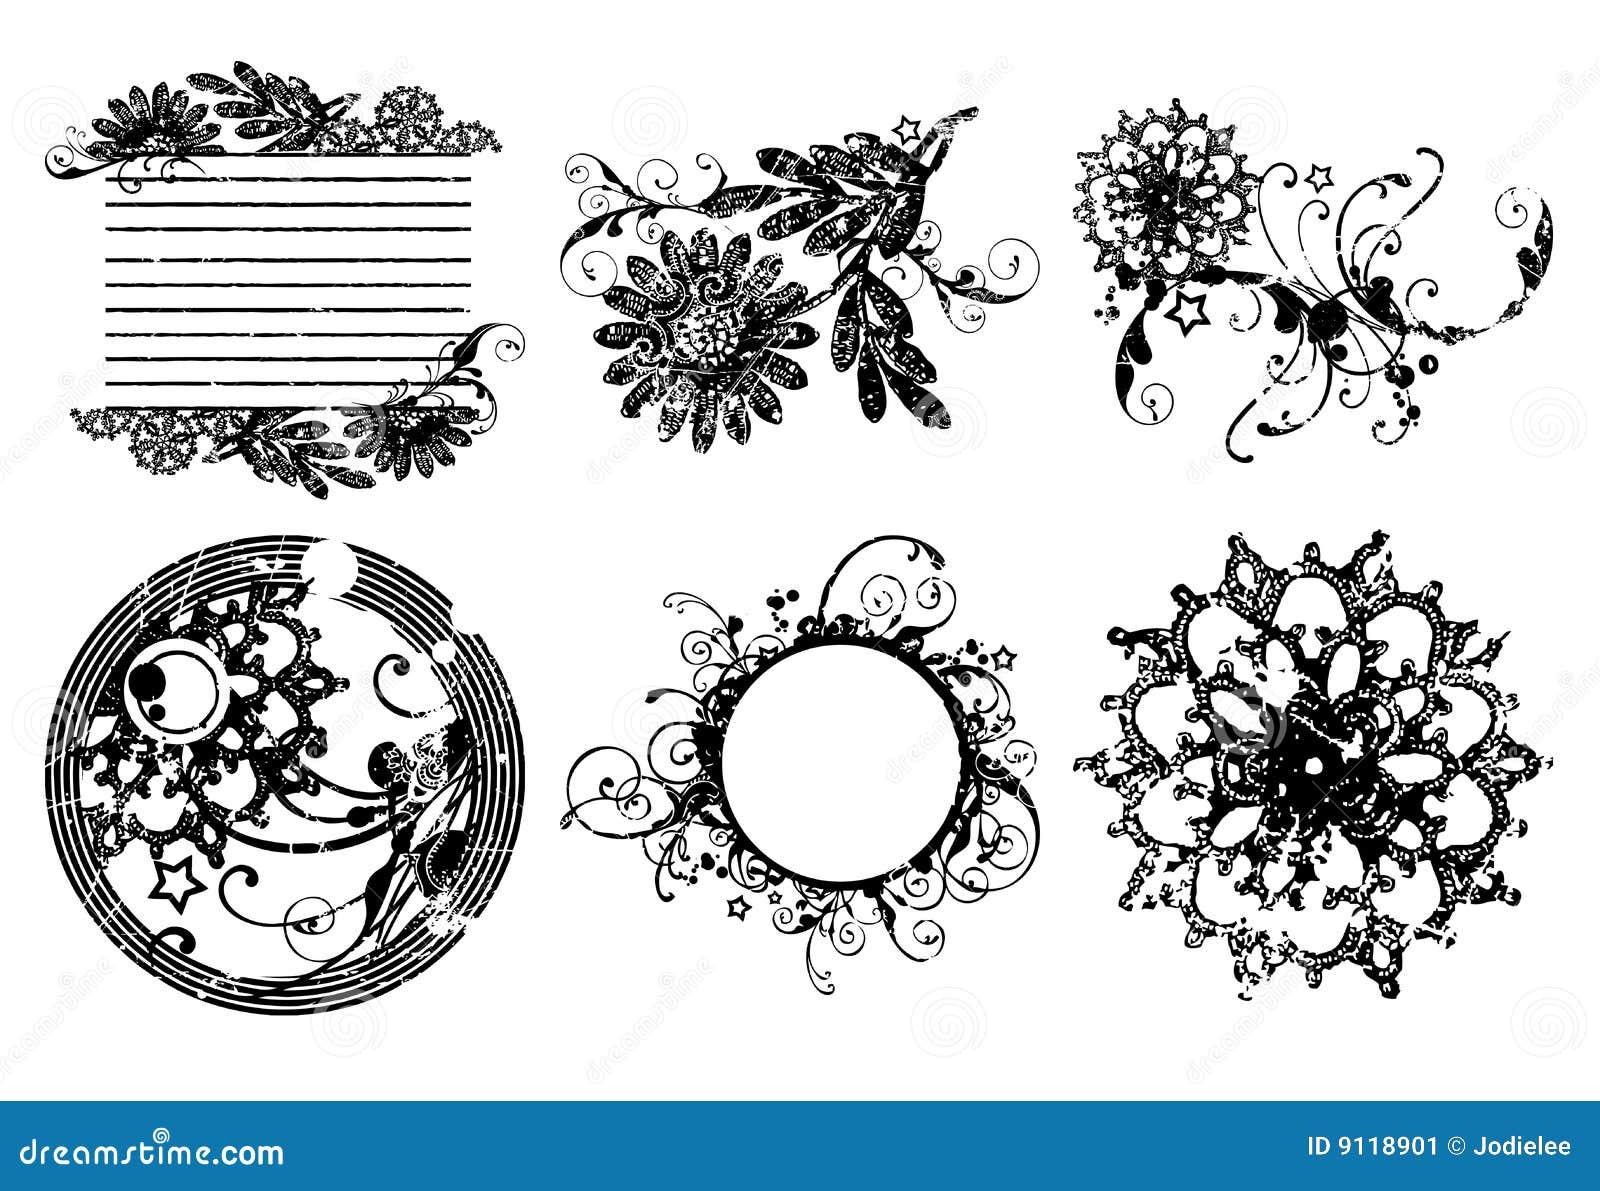 Marcos decorativos del c rculo de la flor imagen de for Adornos decorativos